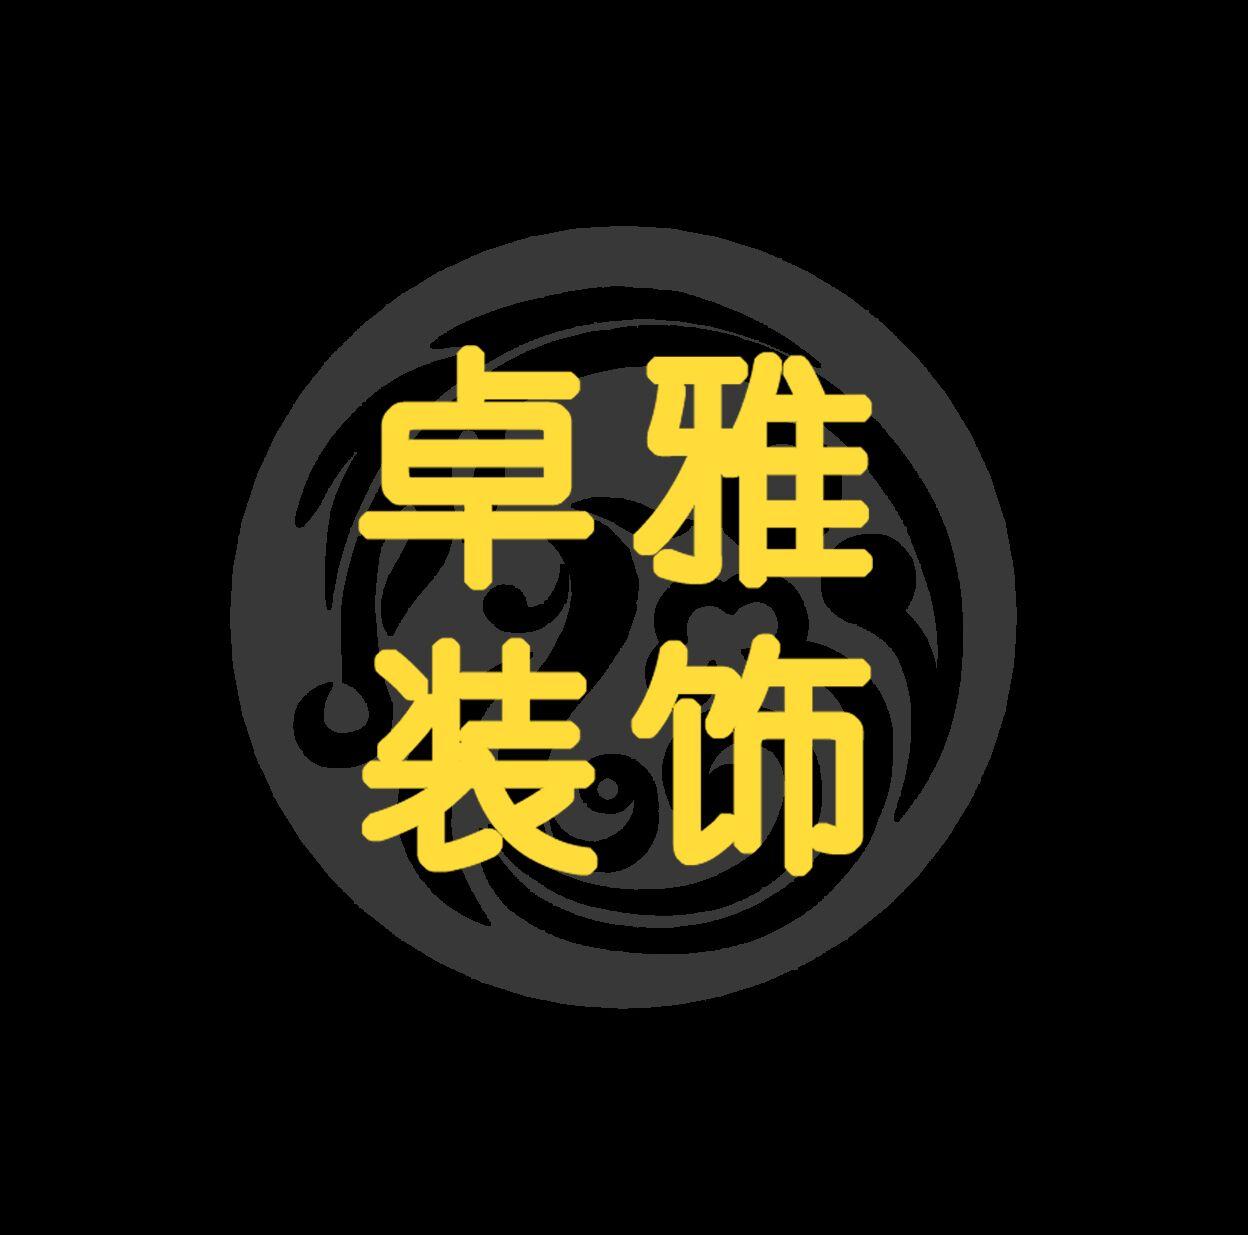 中山市卓雅装饰设计工程有限公司_才通国际人才网_www.f8892.com